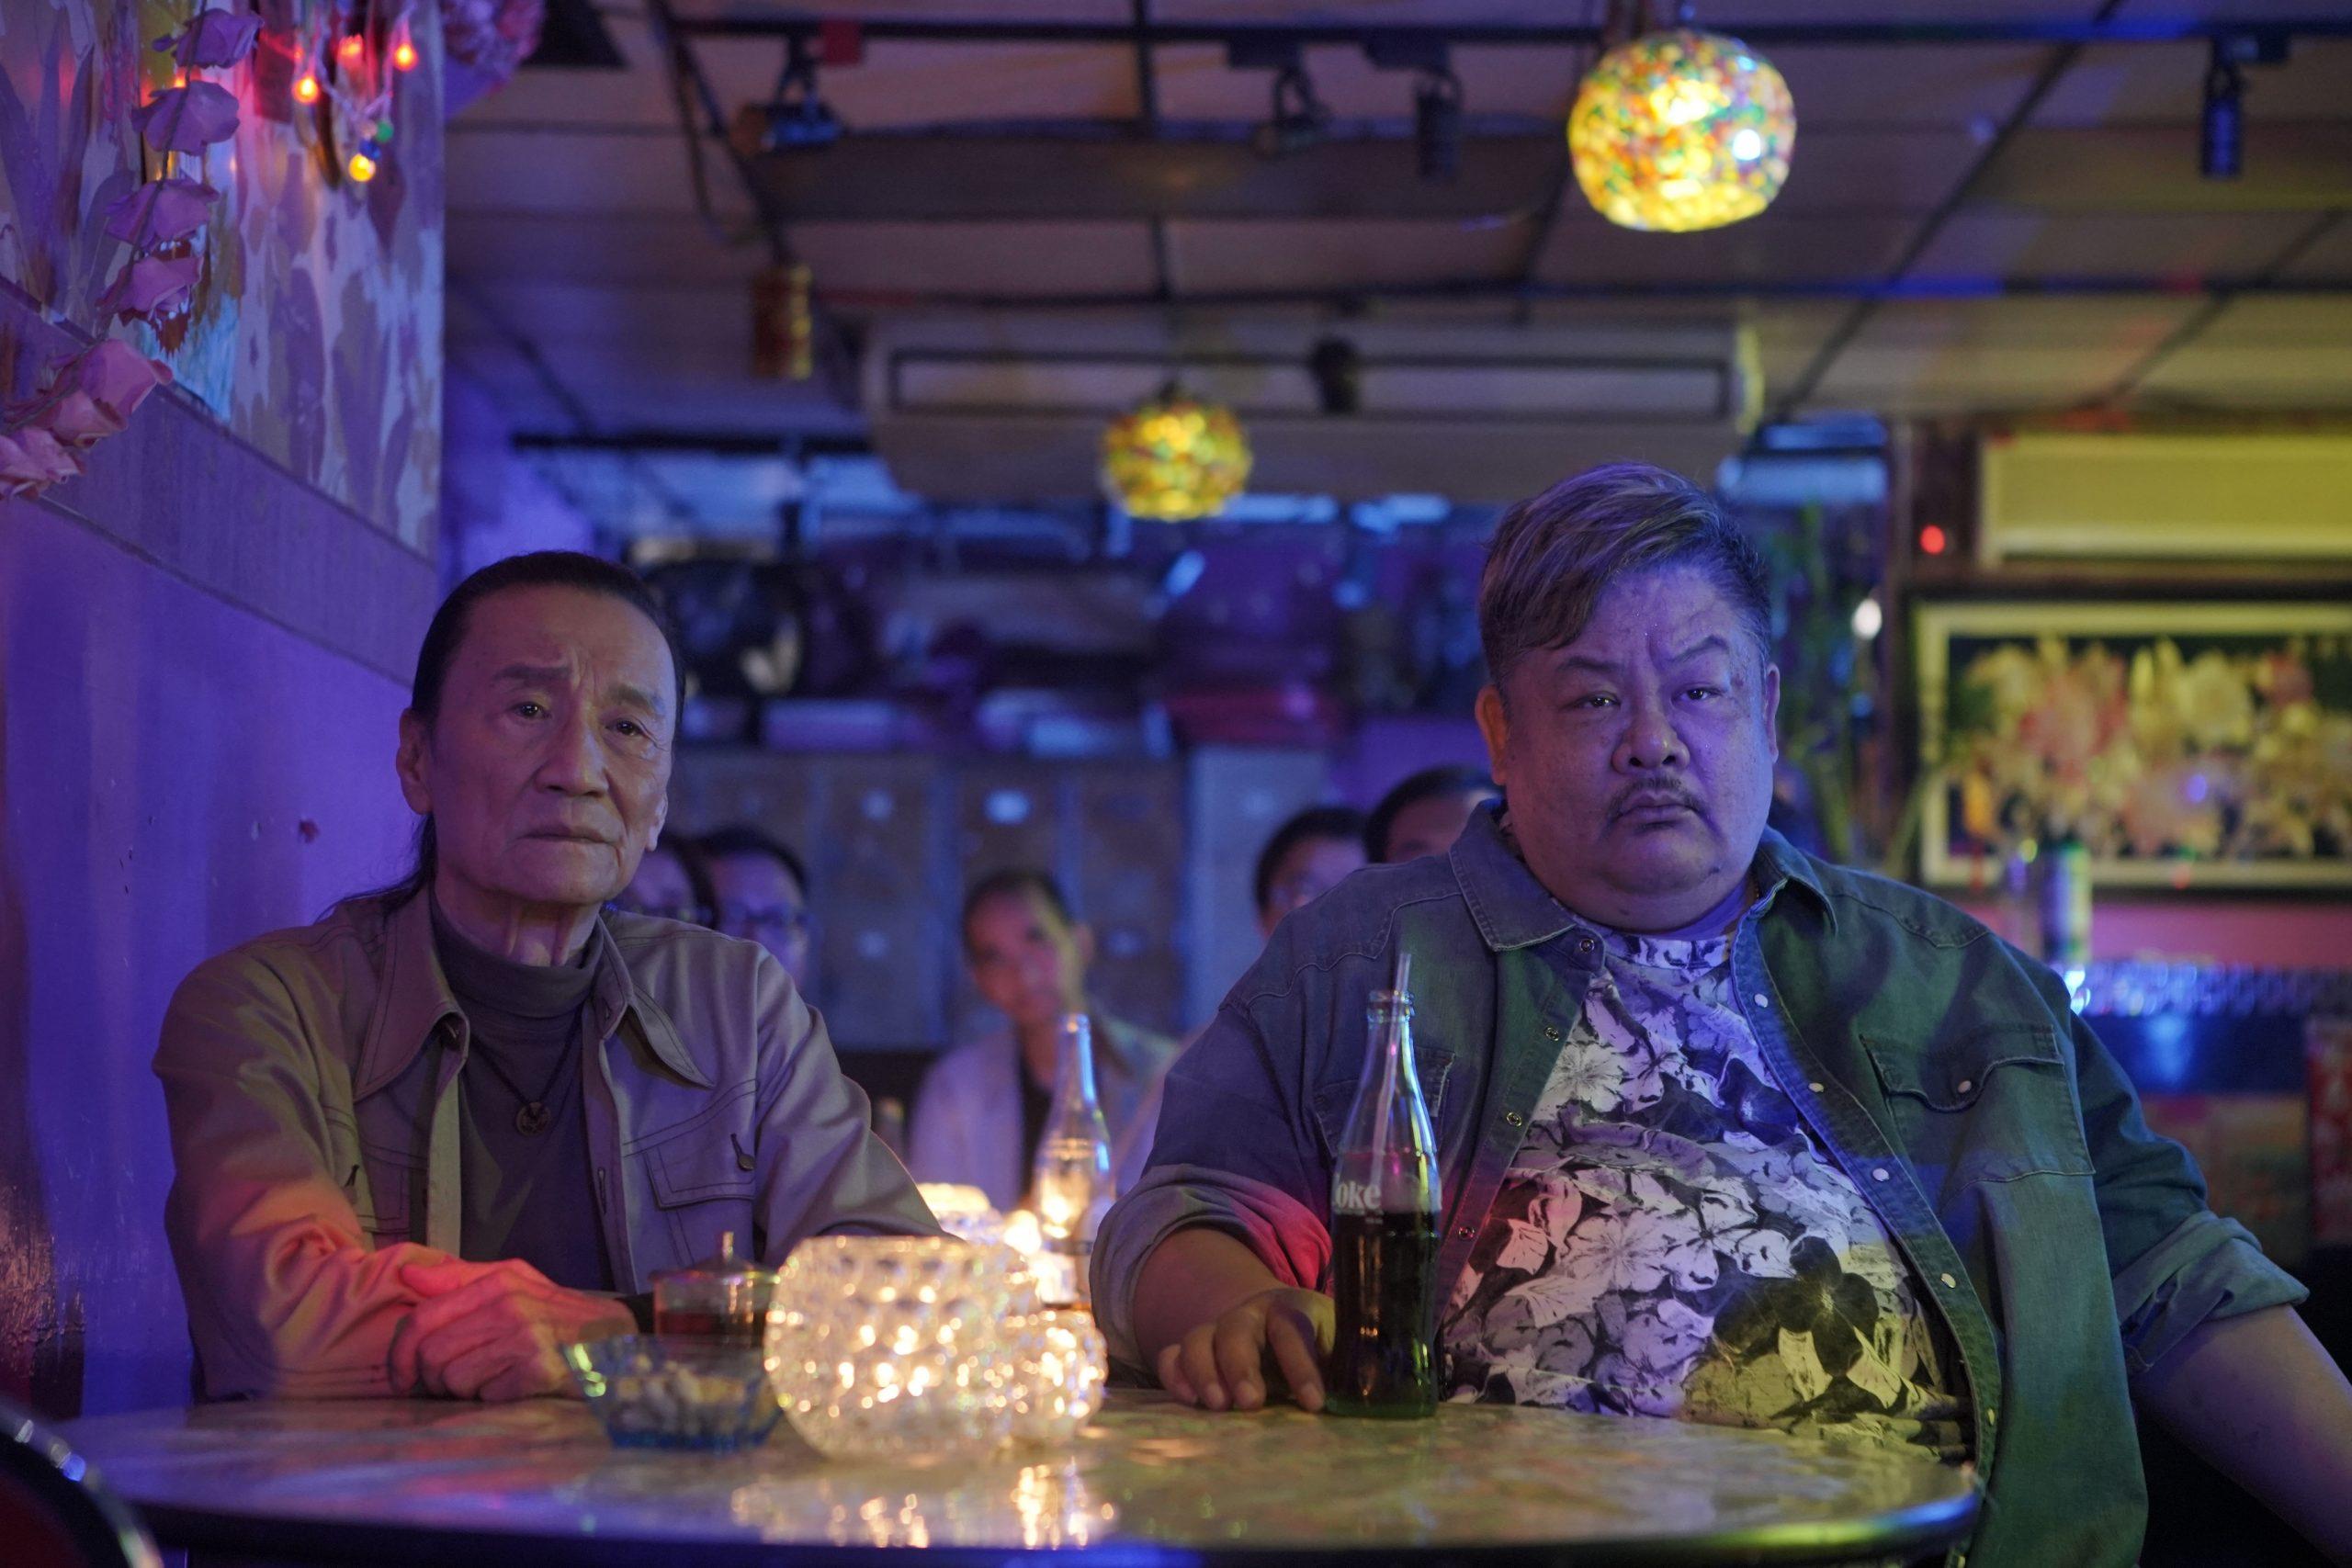 殺出個黃昏 謝賢 林家棟 馮寶寶 林雪 電影影評 香港電影 酒吧